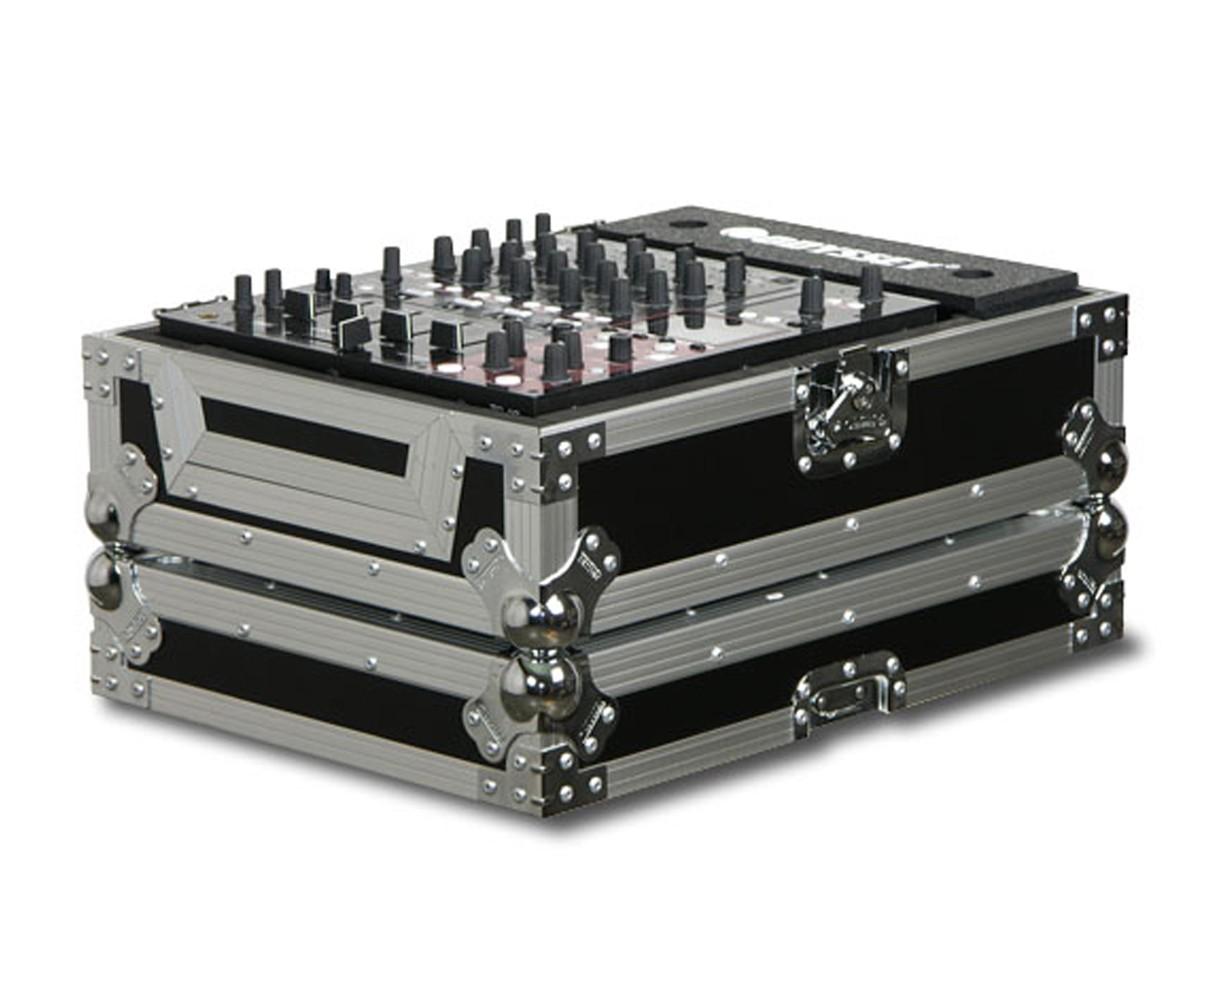 Odyssey FZ12MIX Mixer Case